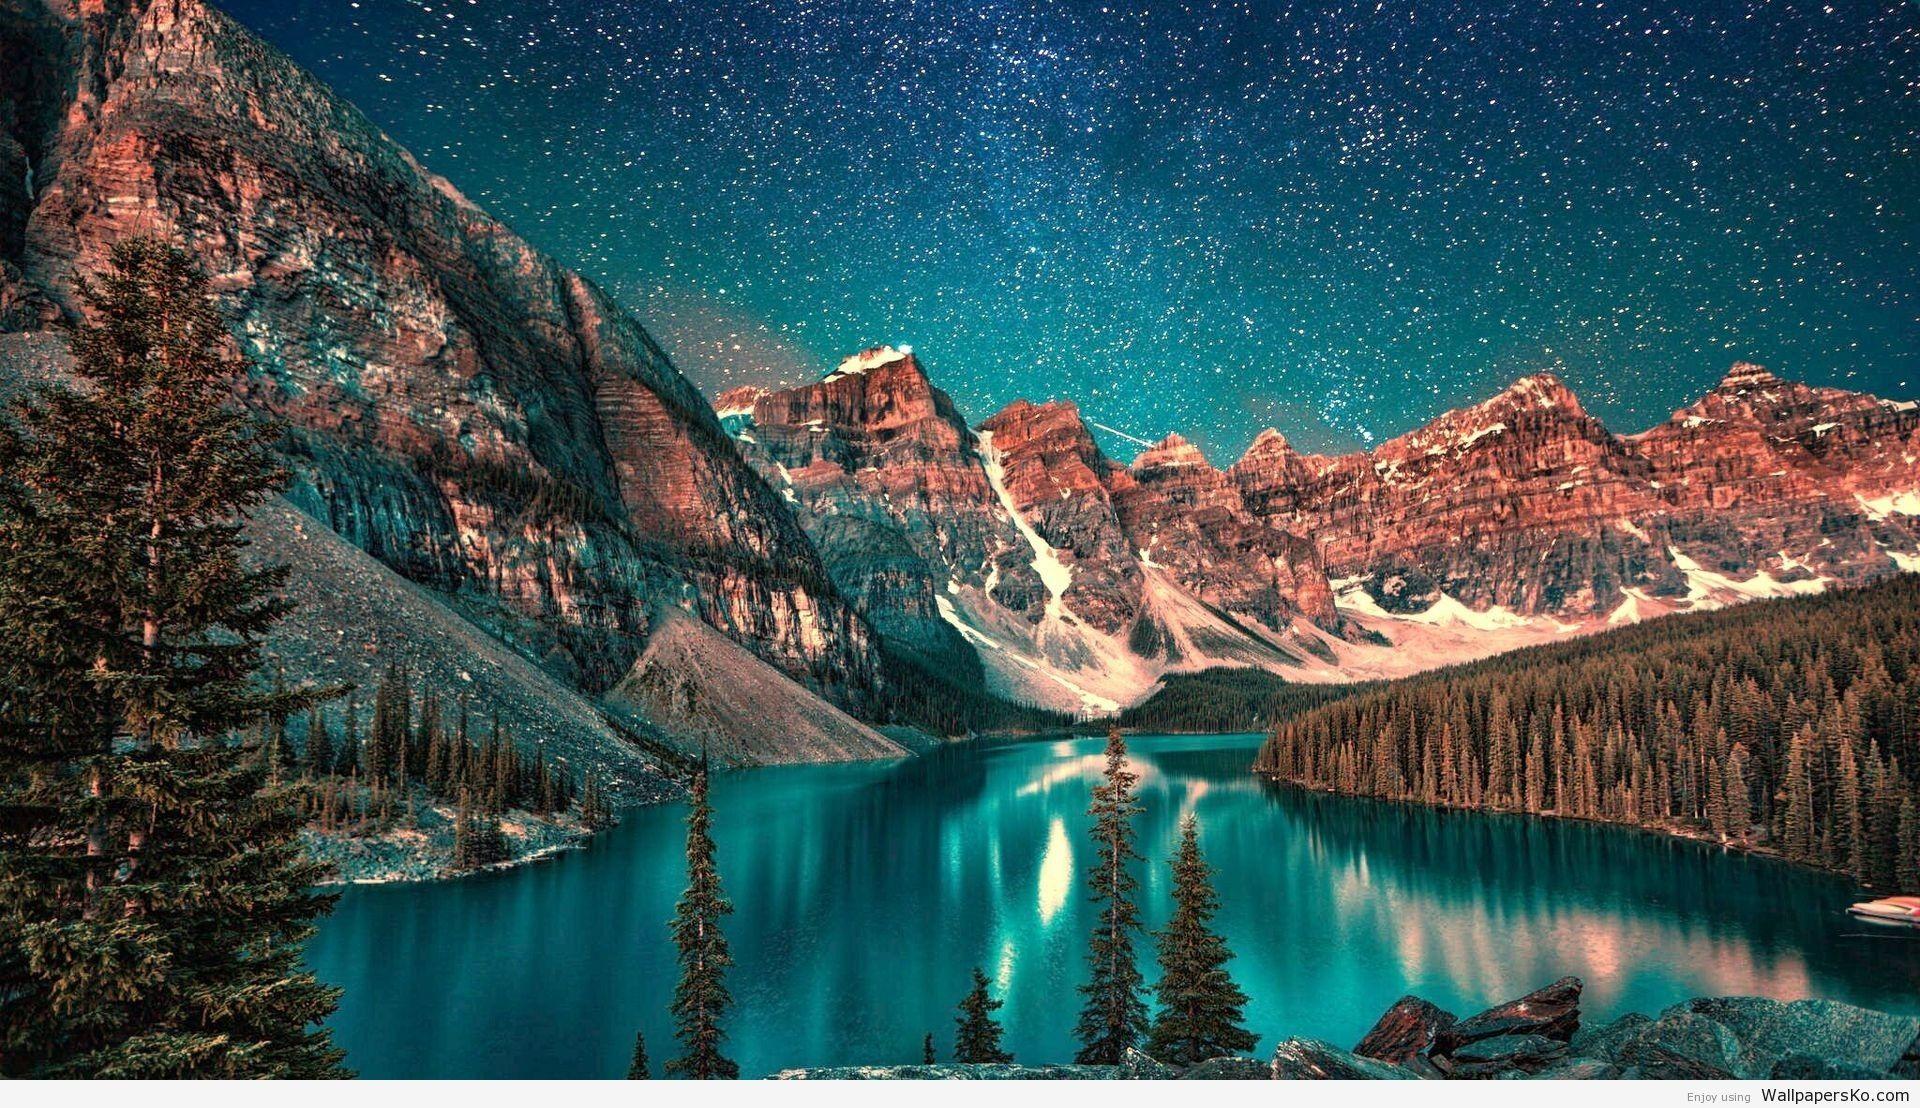 Pin by julia on HD Wallpapers in 2019 | Mac desktop background, Mac desktop, Mac wallpaper desktop